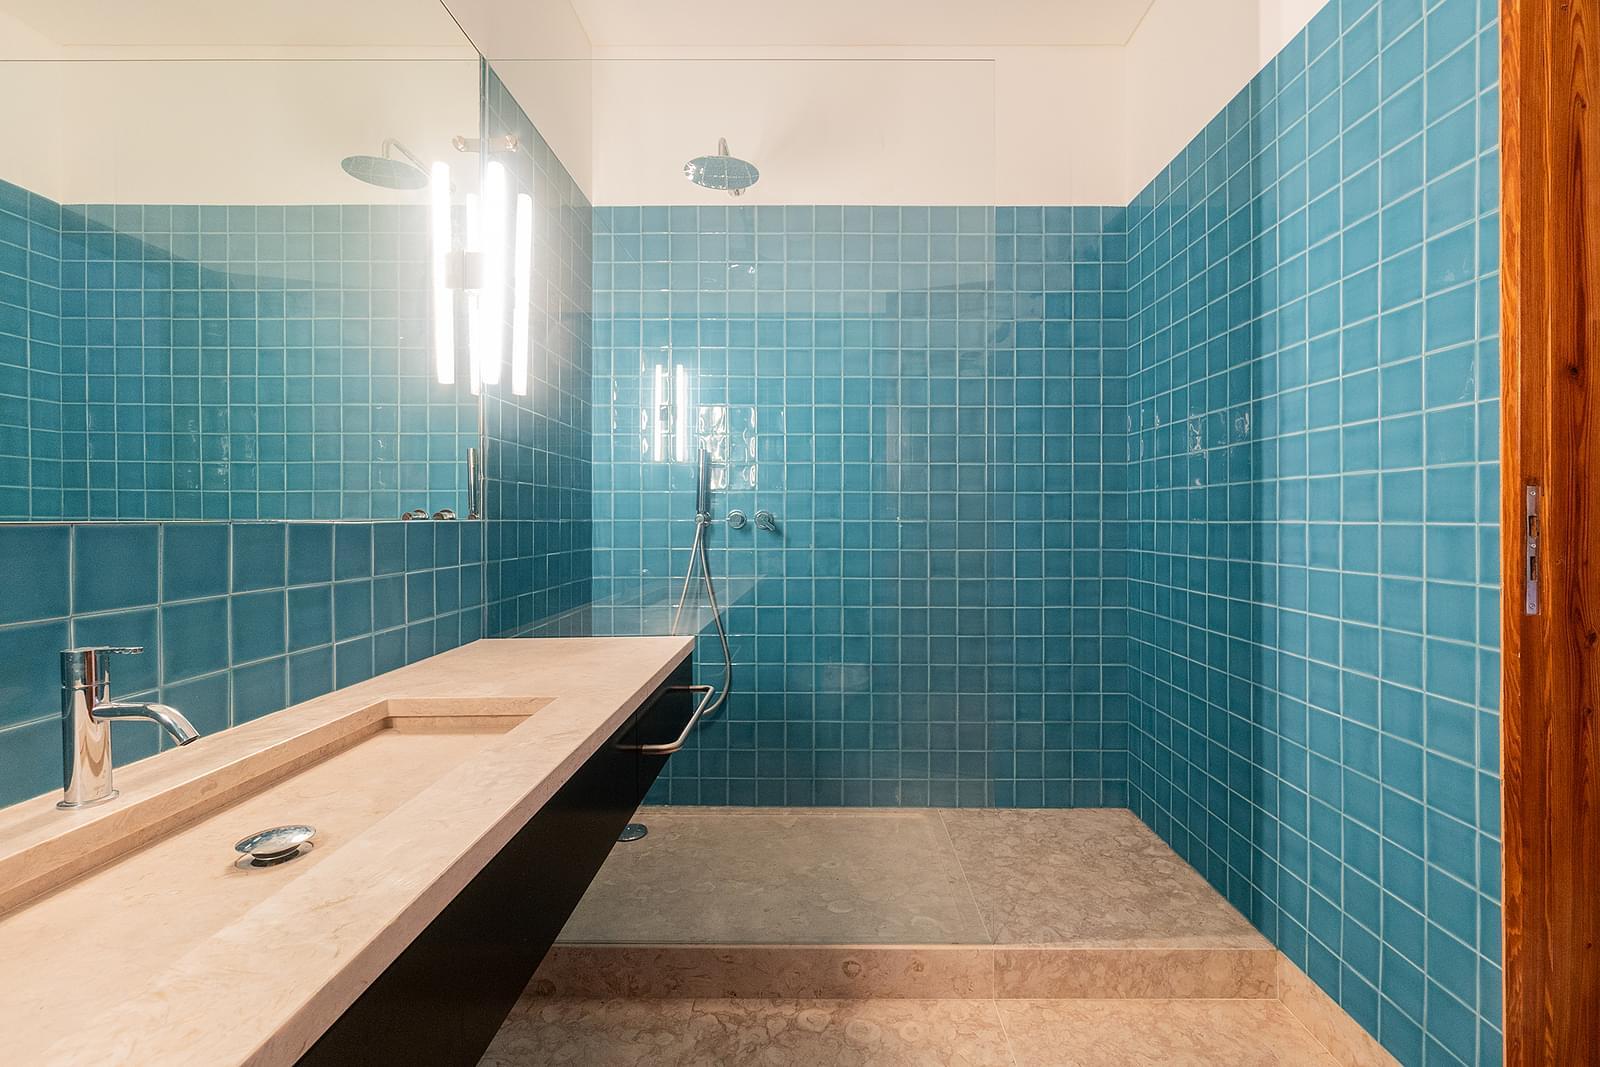 pf18665-apartamento-t3-2-lisboa-5bef53d5-b020-4ca8-b6d1-8107bccabcb8